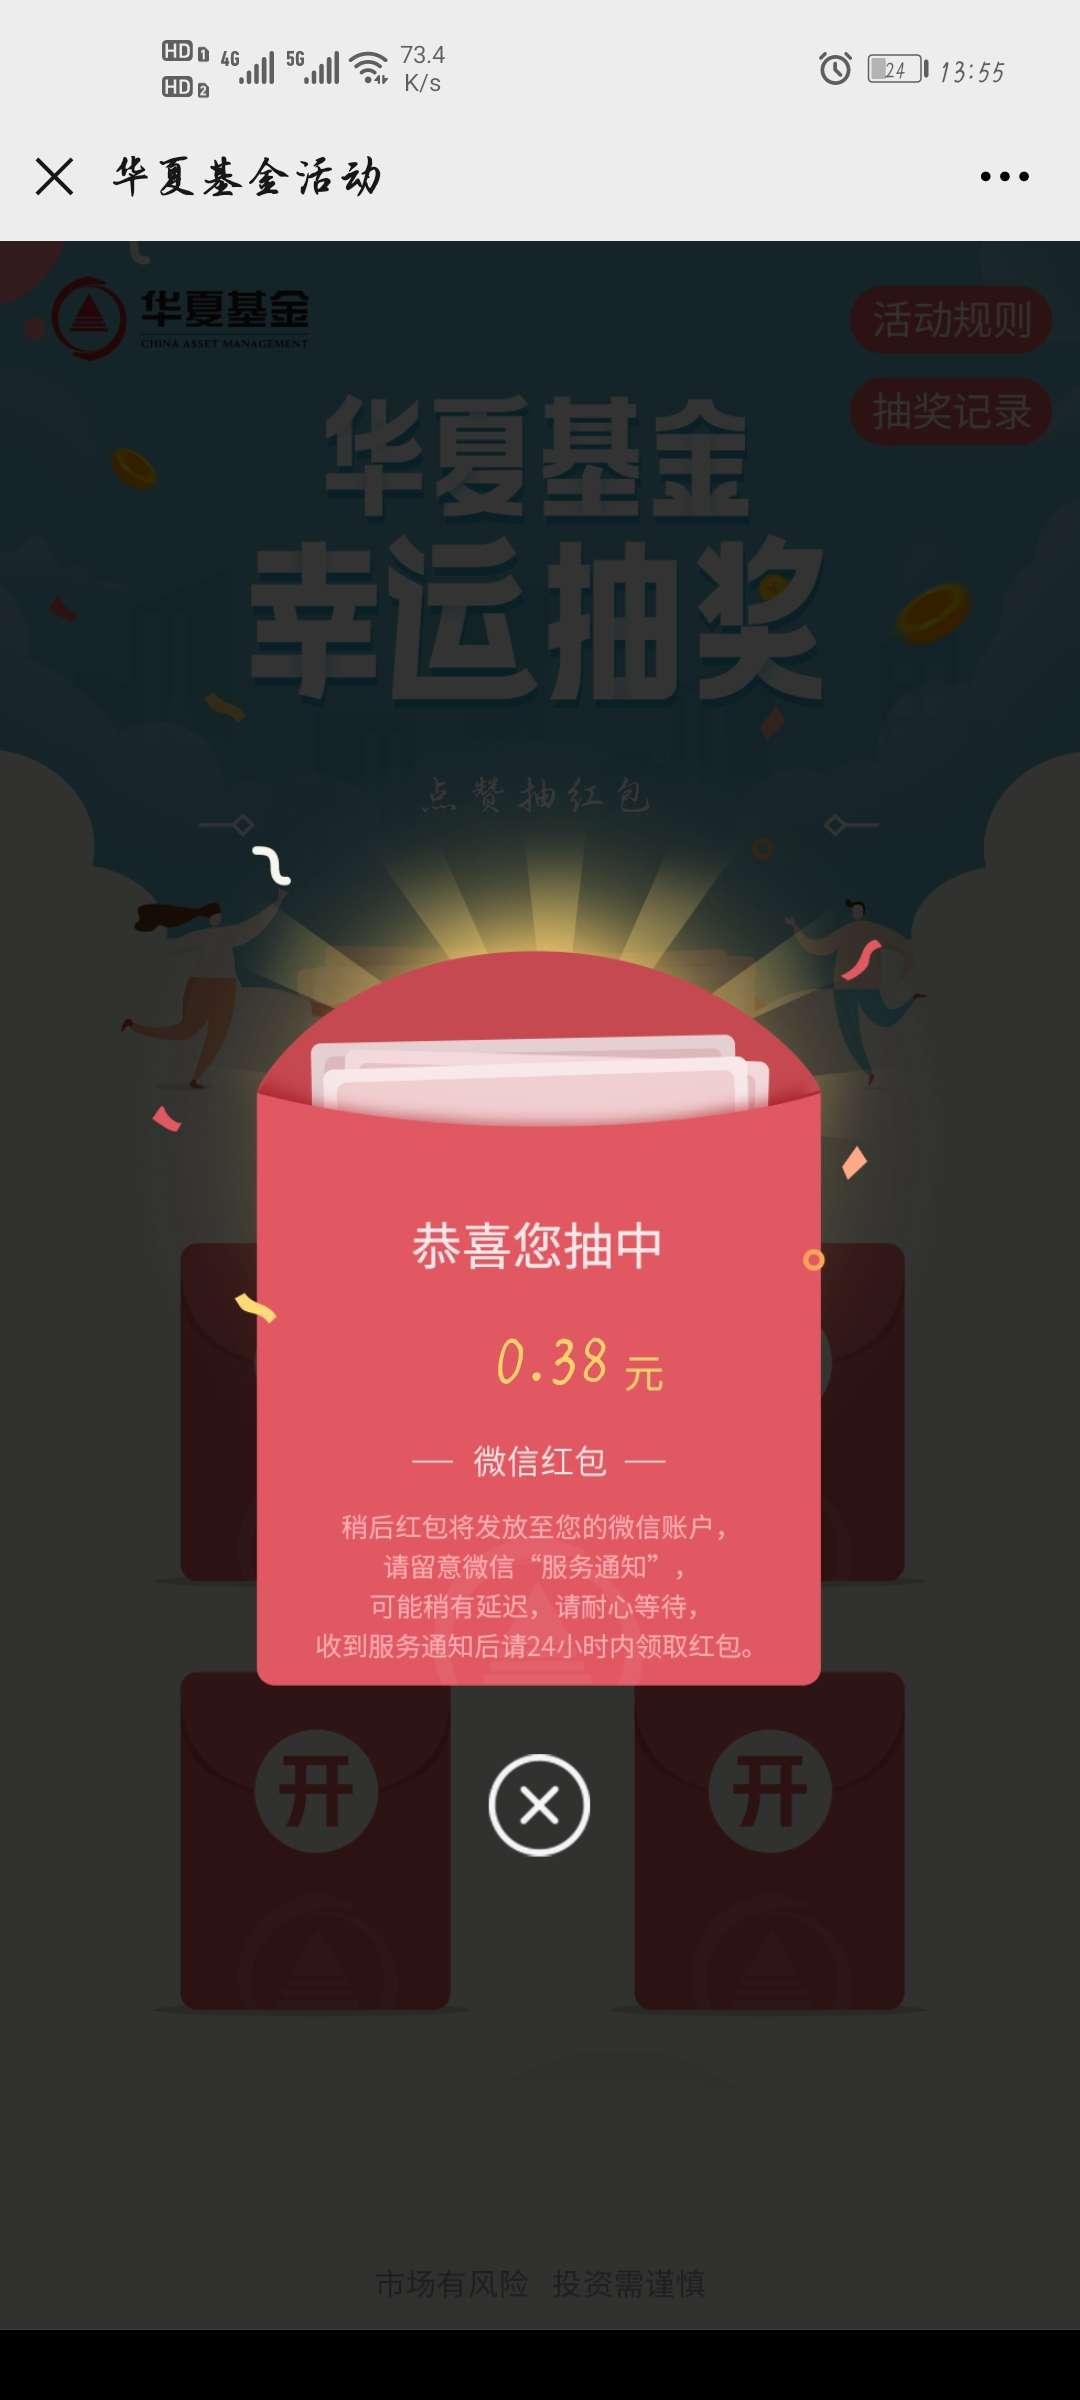 华夏基金点赞抽现金红包-亲测0.38元插图1